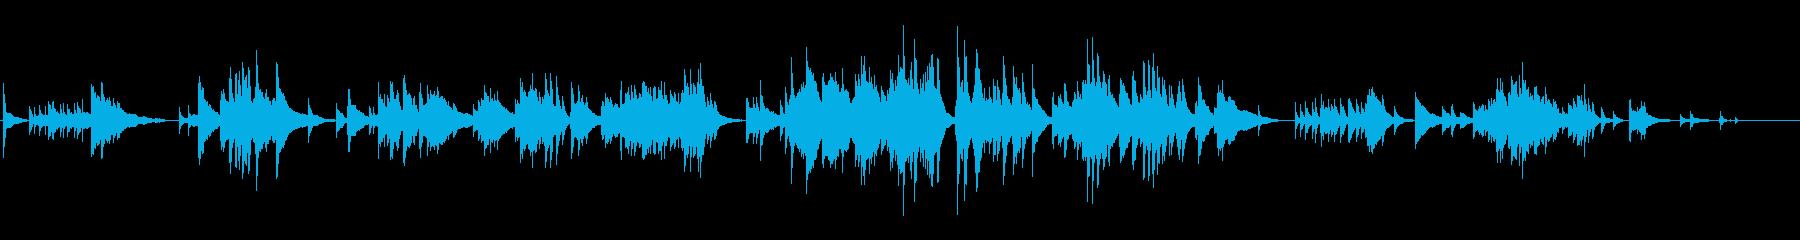 ハープソロ『亜麻色の髪の乙女』の再生済みの波形